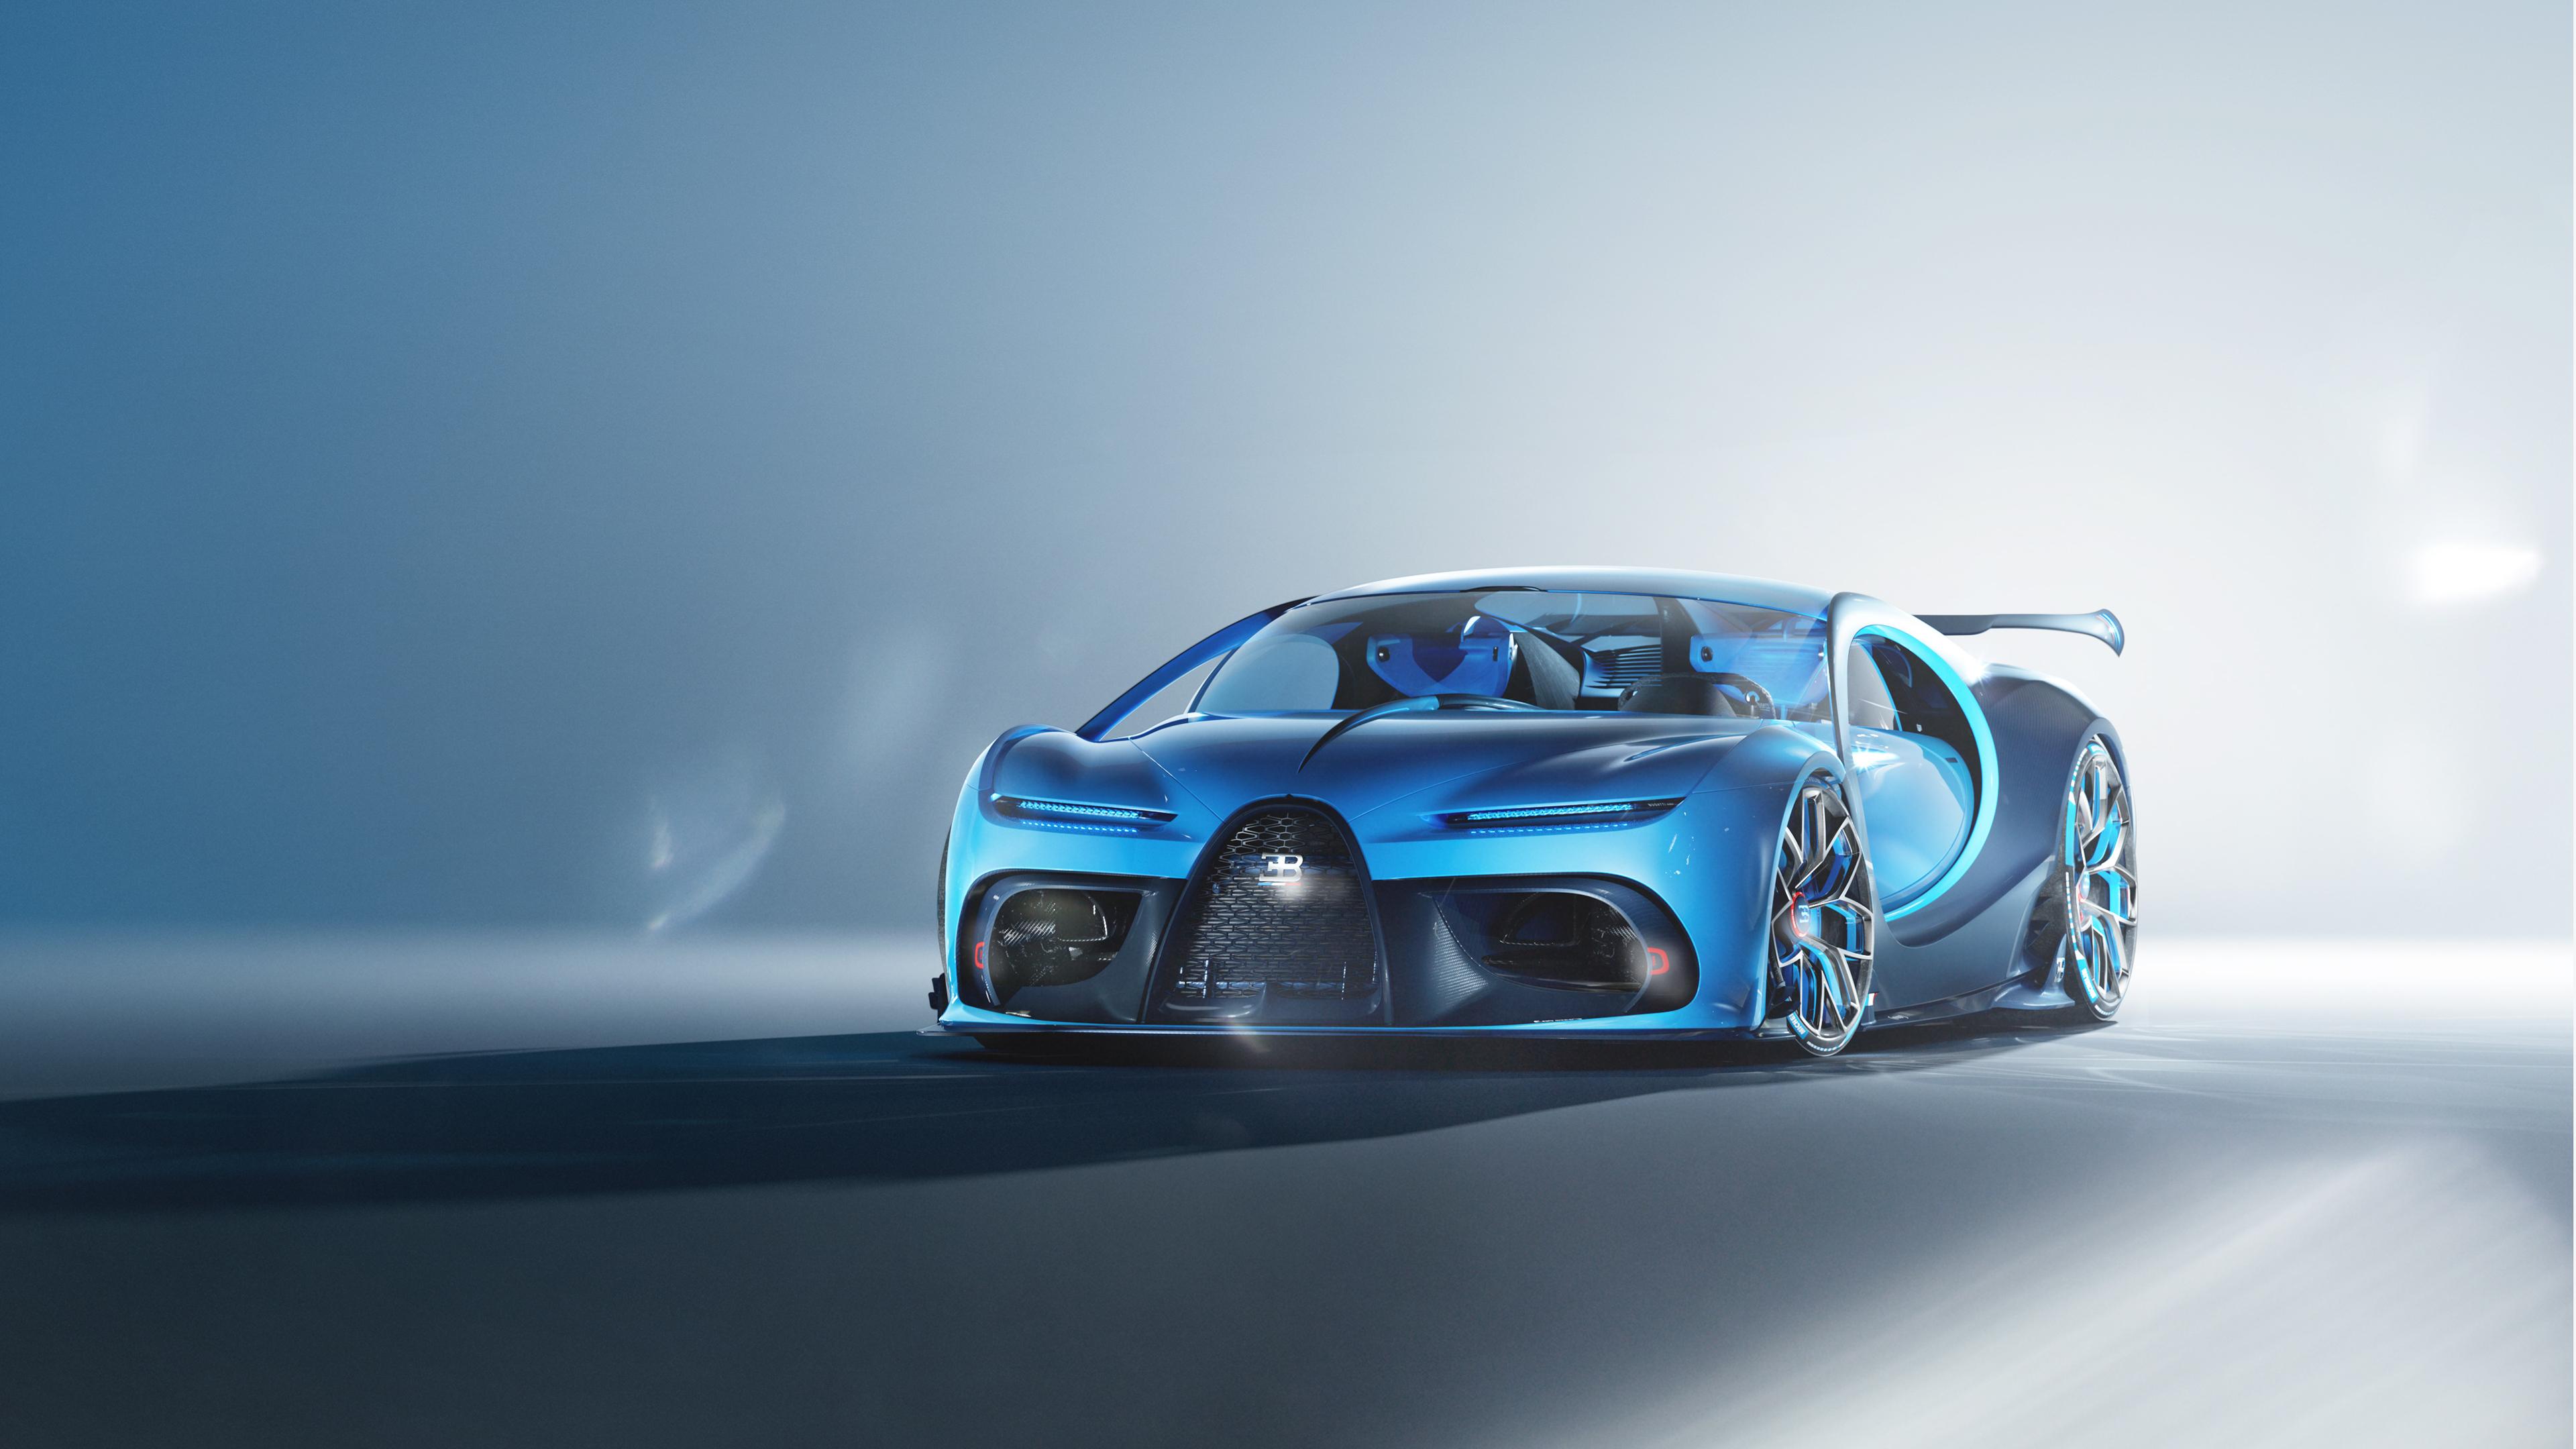 new bugatti 4k 1560534381 - New Bugatti 4k - hd-wallpapers, cars wallpapers, bugatti wallpapers, behance wallpapers, artist wallpapers, 4k-wallpapers